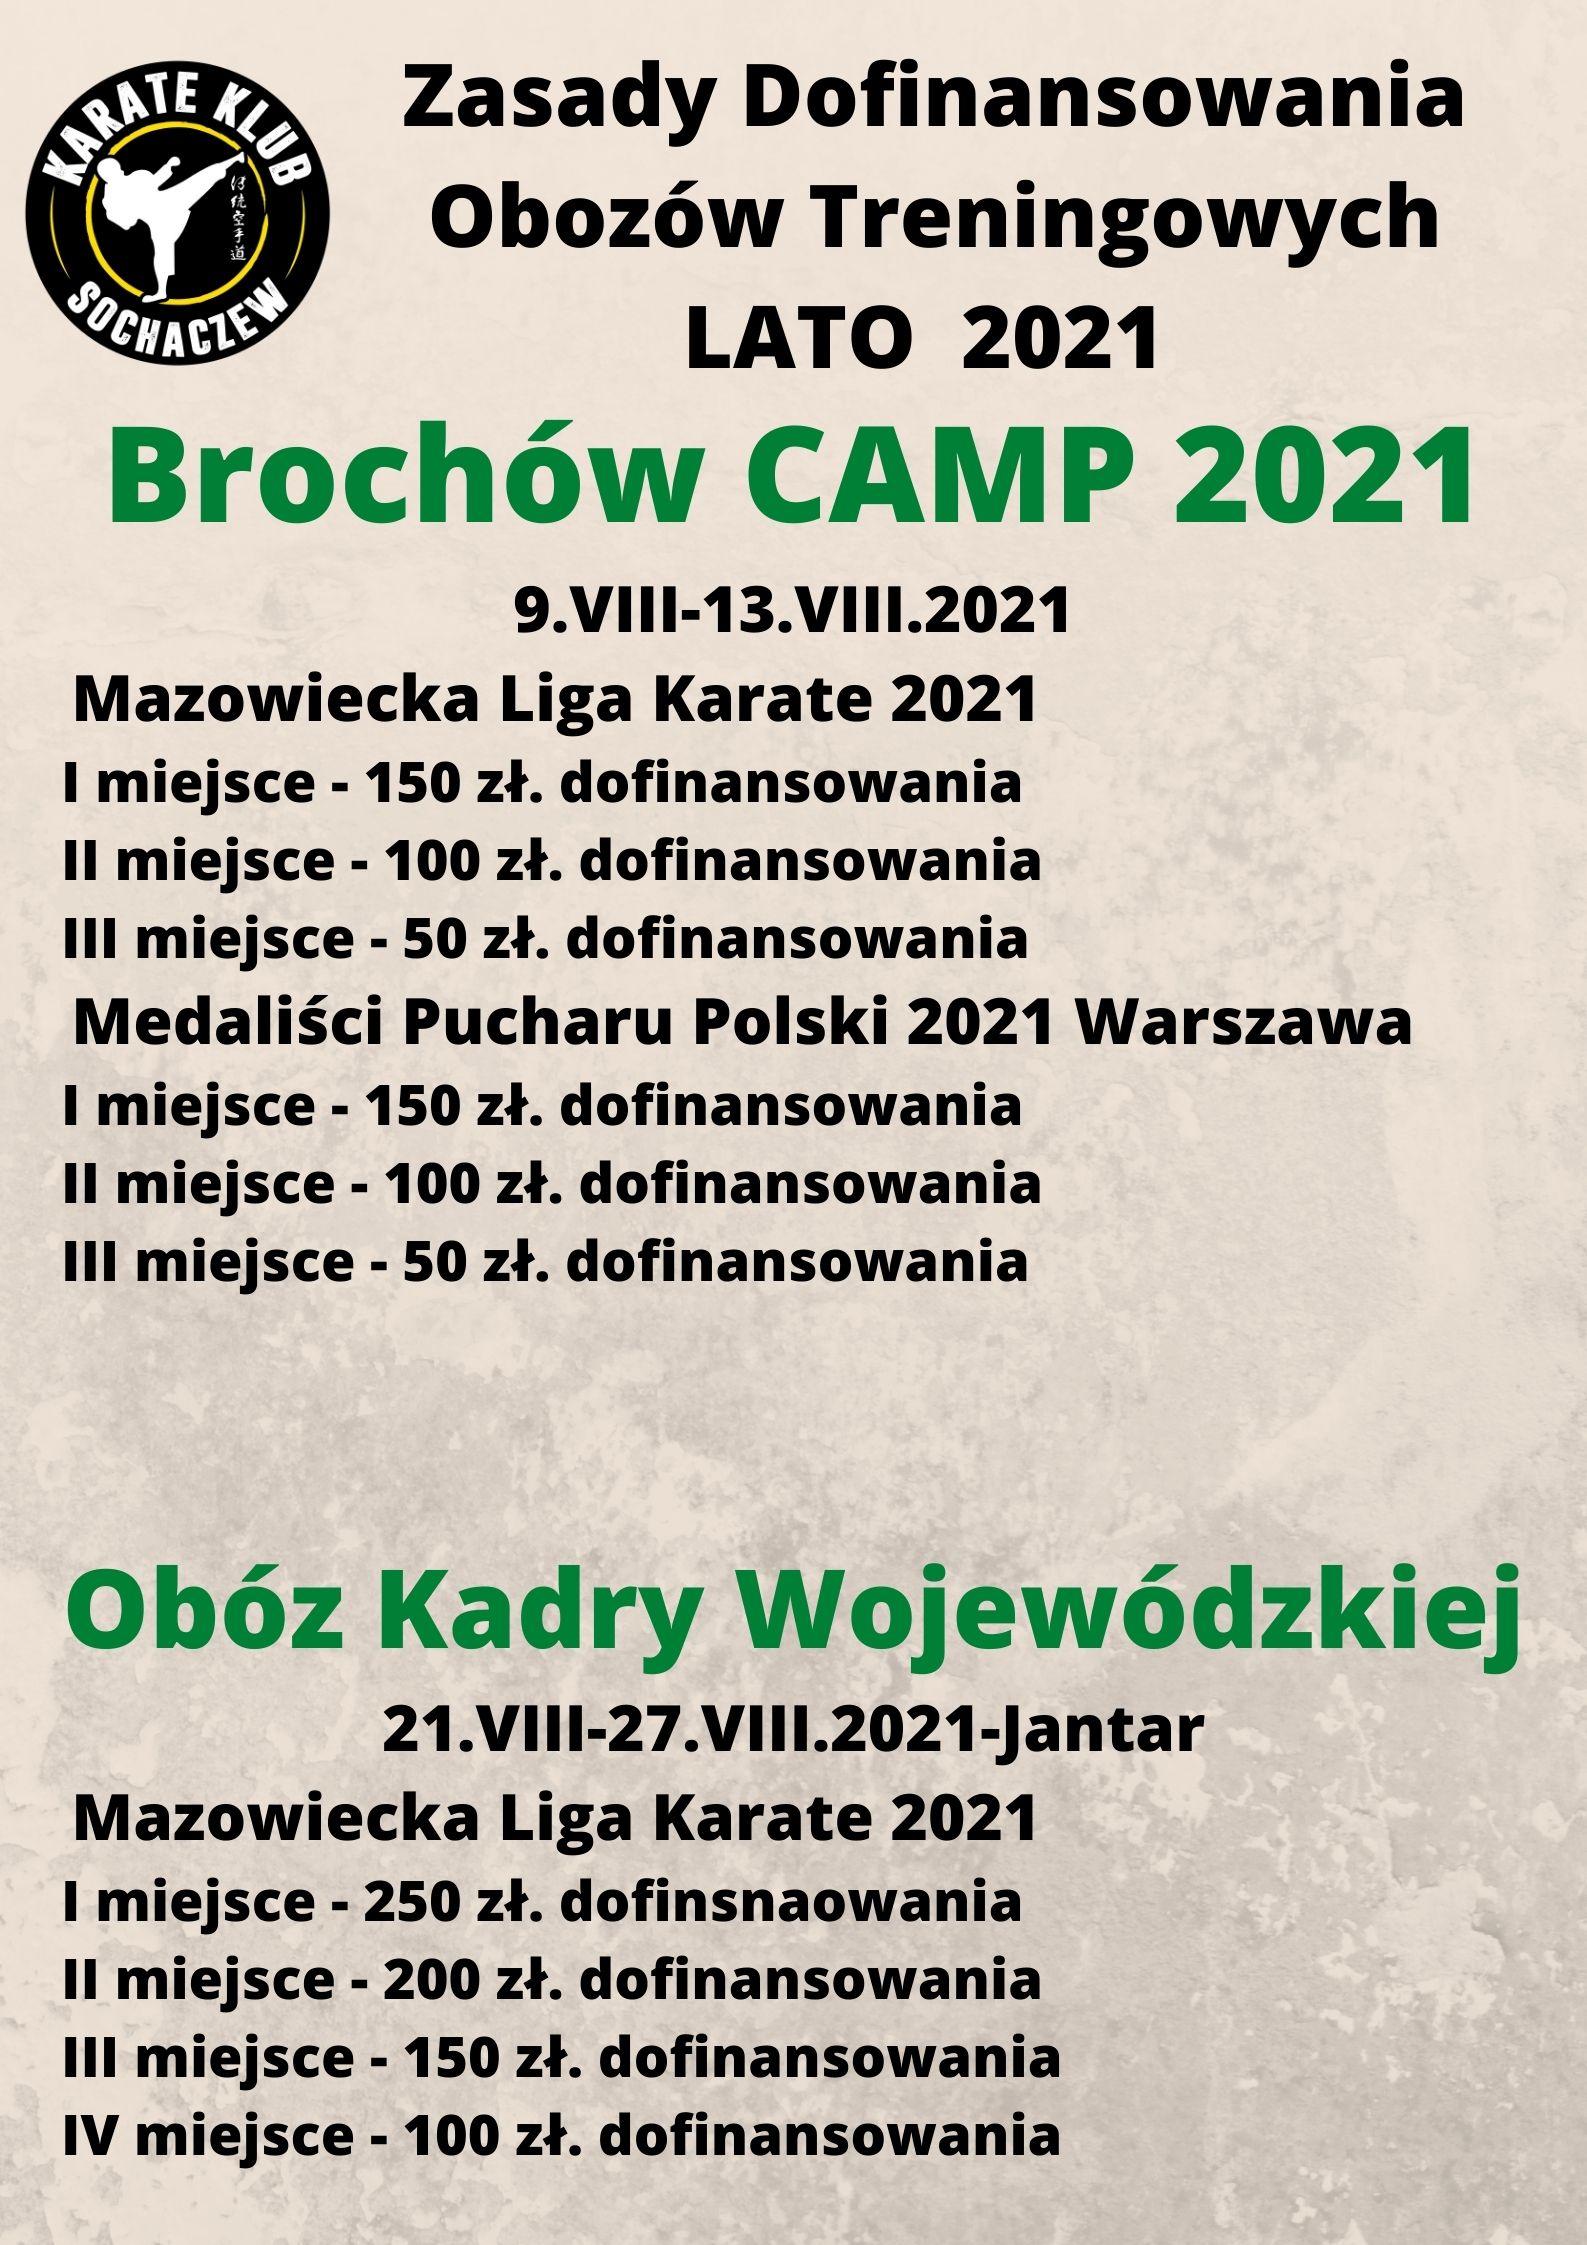 Zasady Dofinansowania Obozów Typowo Treningowych 2021